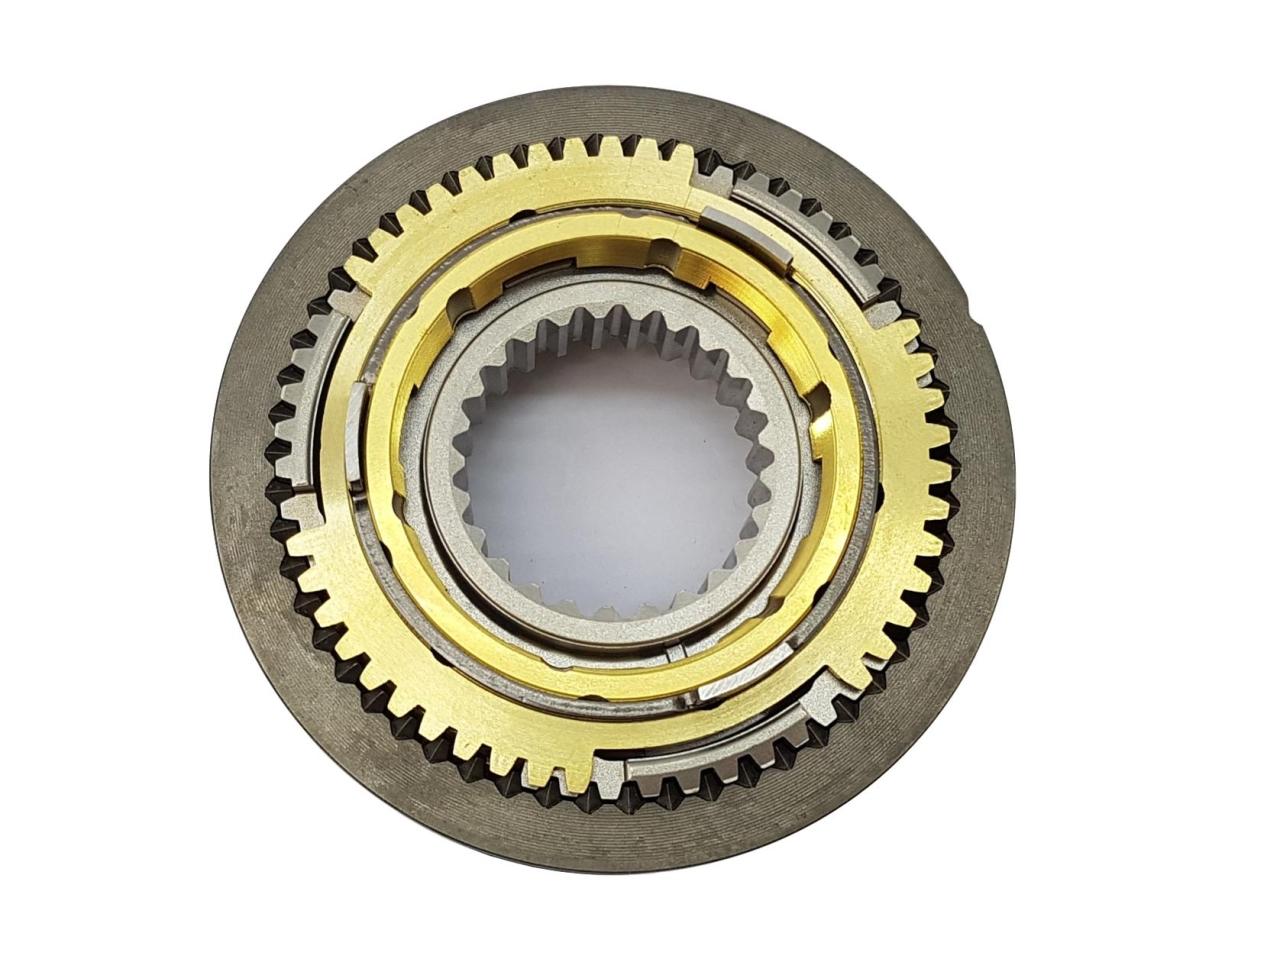 ORIGINAL 1//2 Gang Synchronizer PK6 PF6 Getriebe Master Trafic Laguna 326049728R